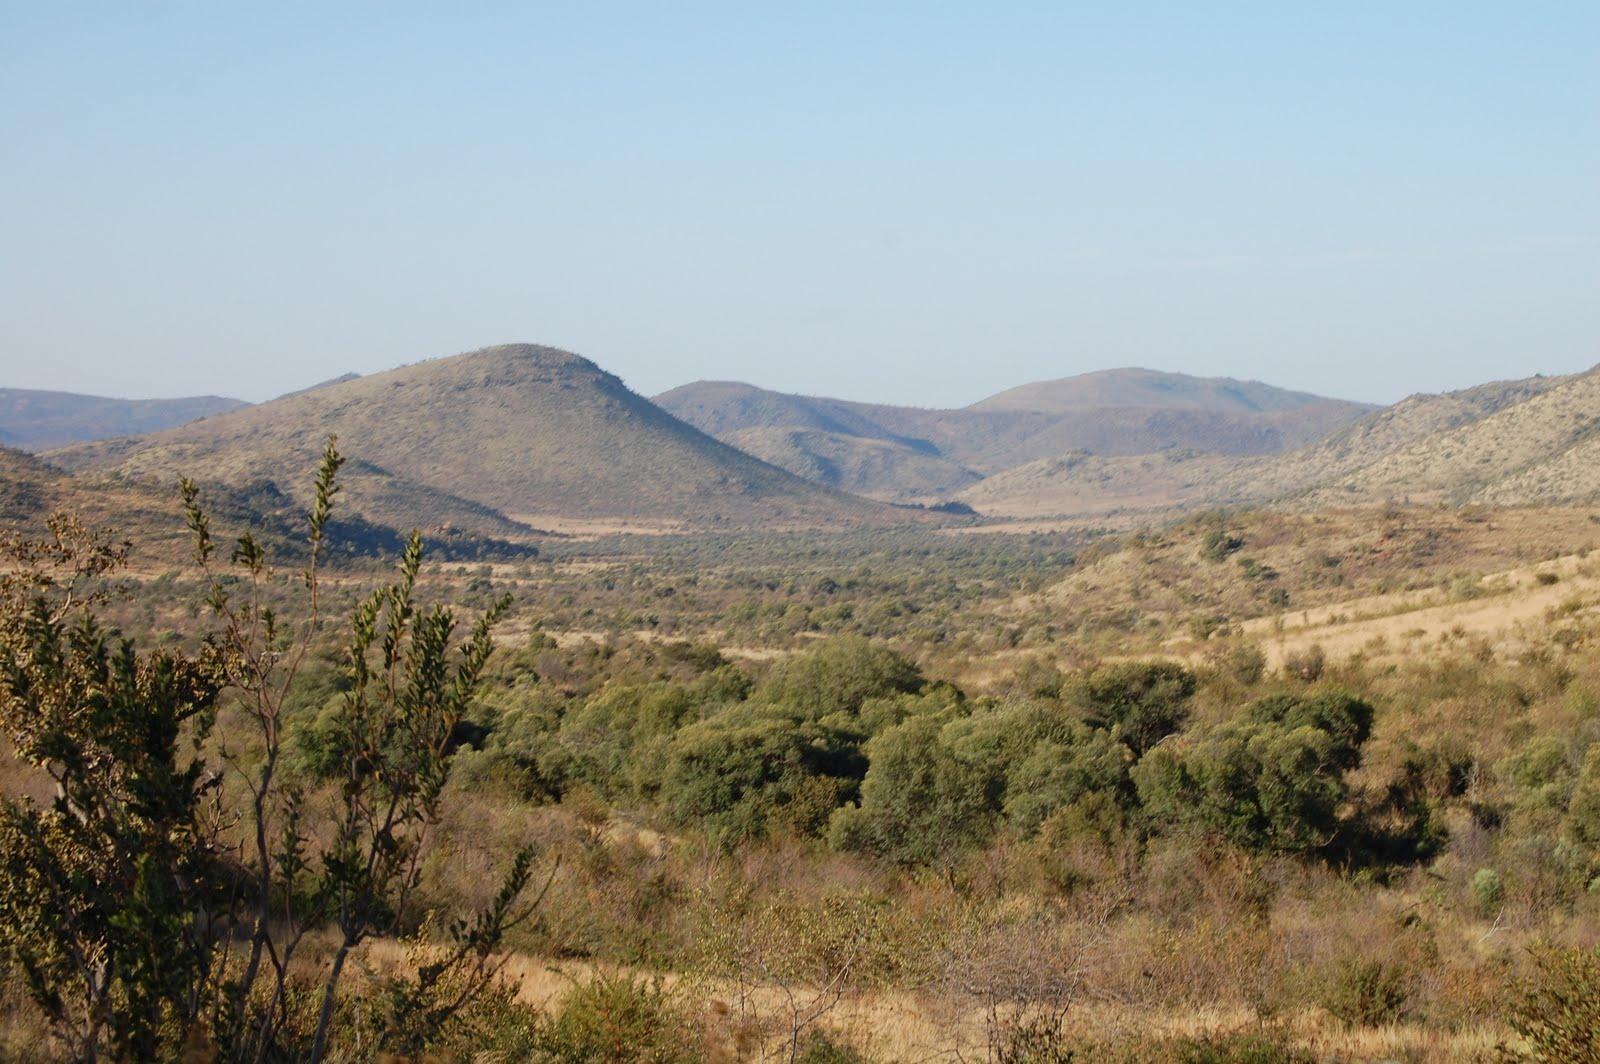 http://1.bp.blogspot.com/_U8fdjhQP8C4/TBiUZobQGOI/AAAAAAAABu0/TqVbZkdPj7U/s1600/savanna.JPG